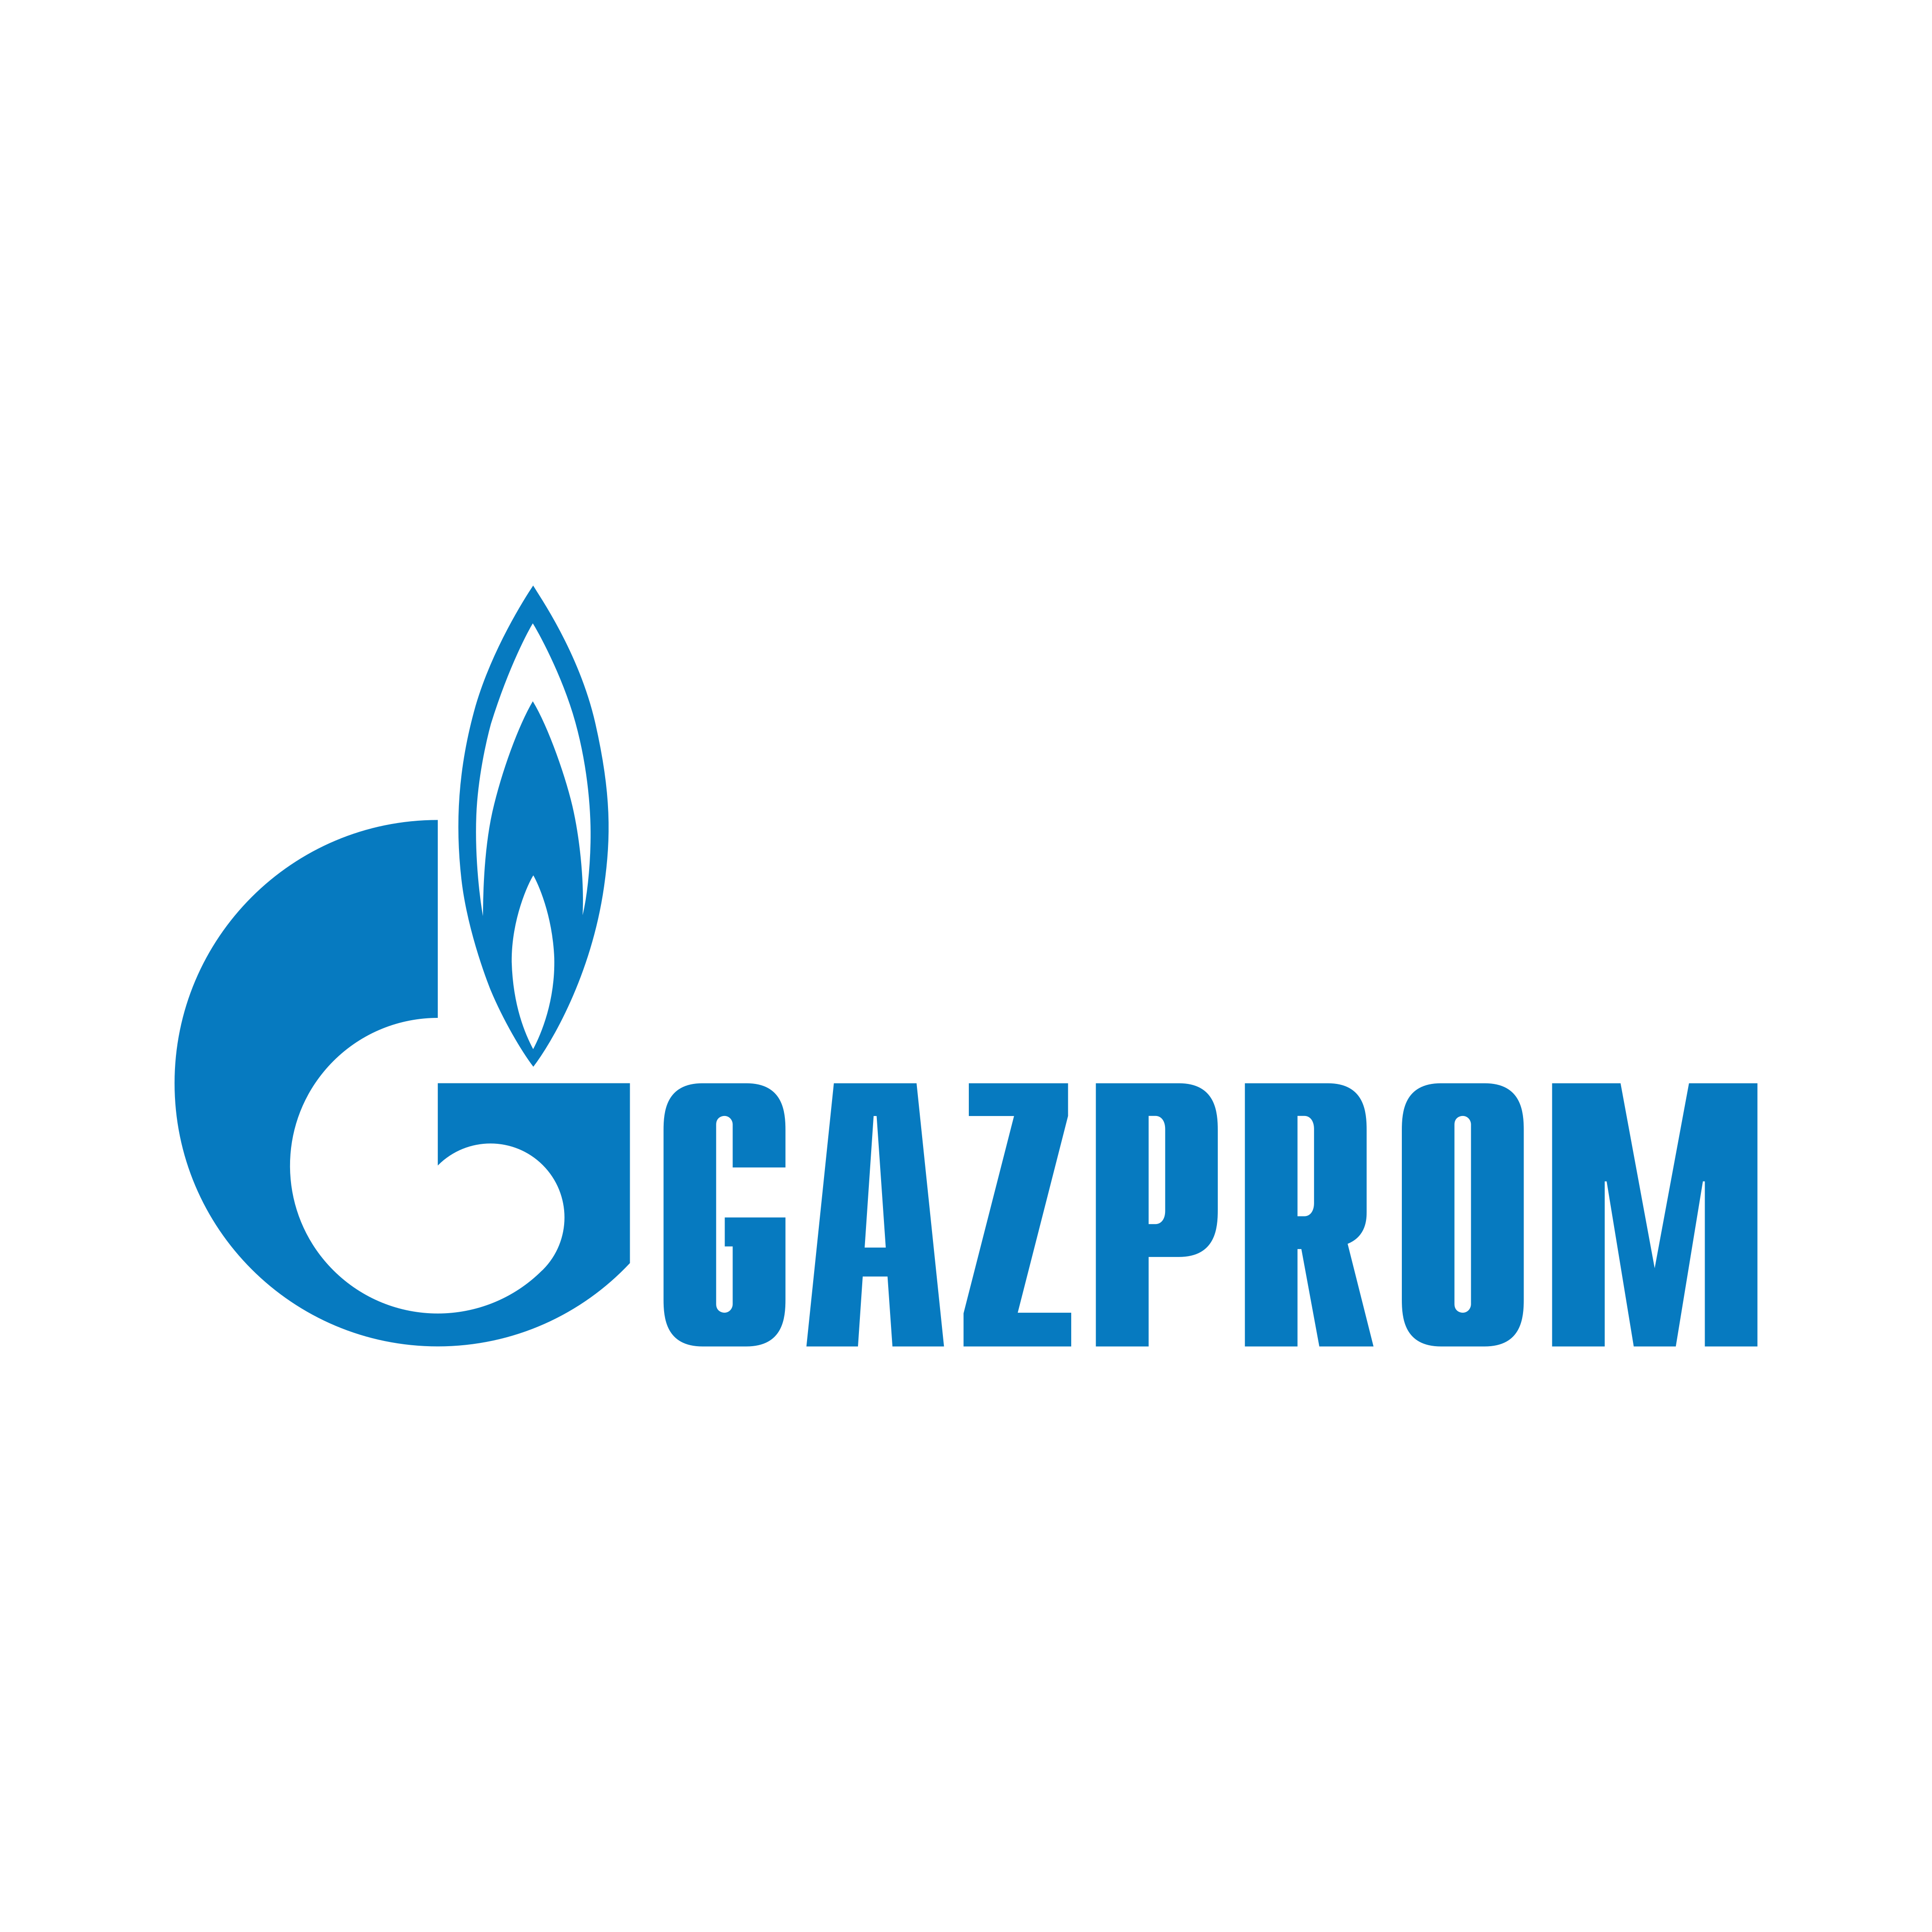 gazprom logo 0 - Gazprom Logo